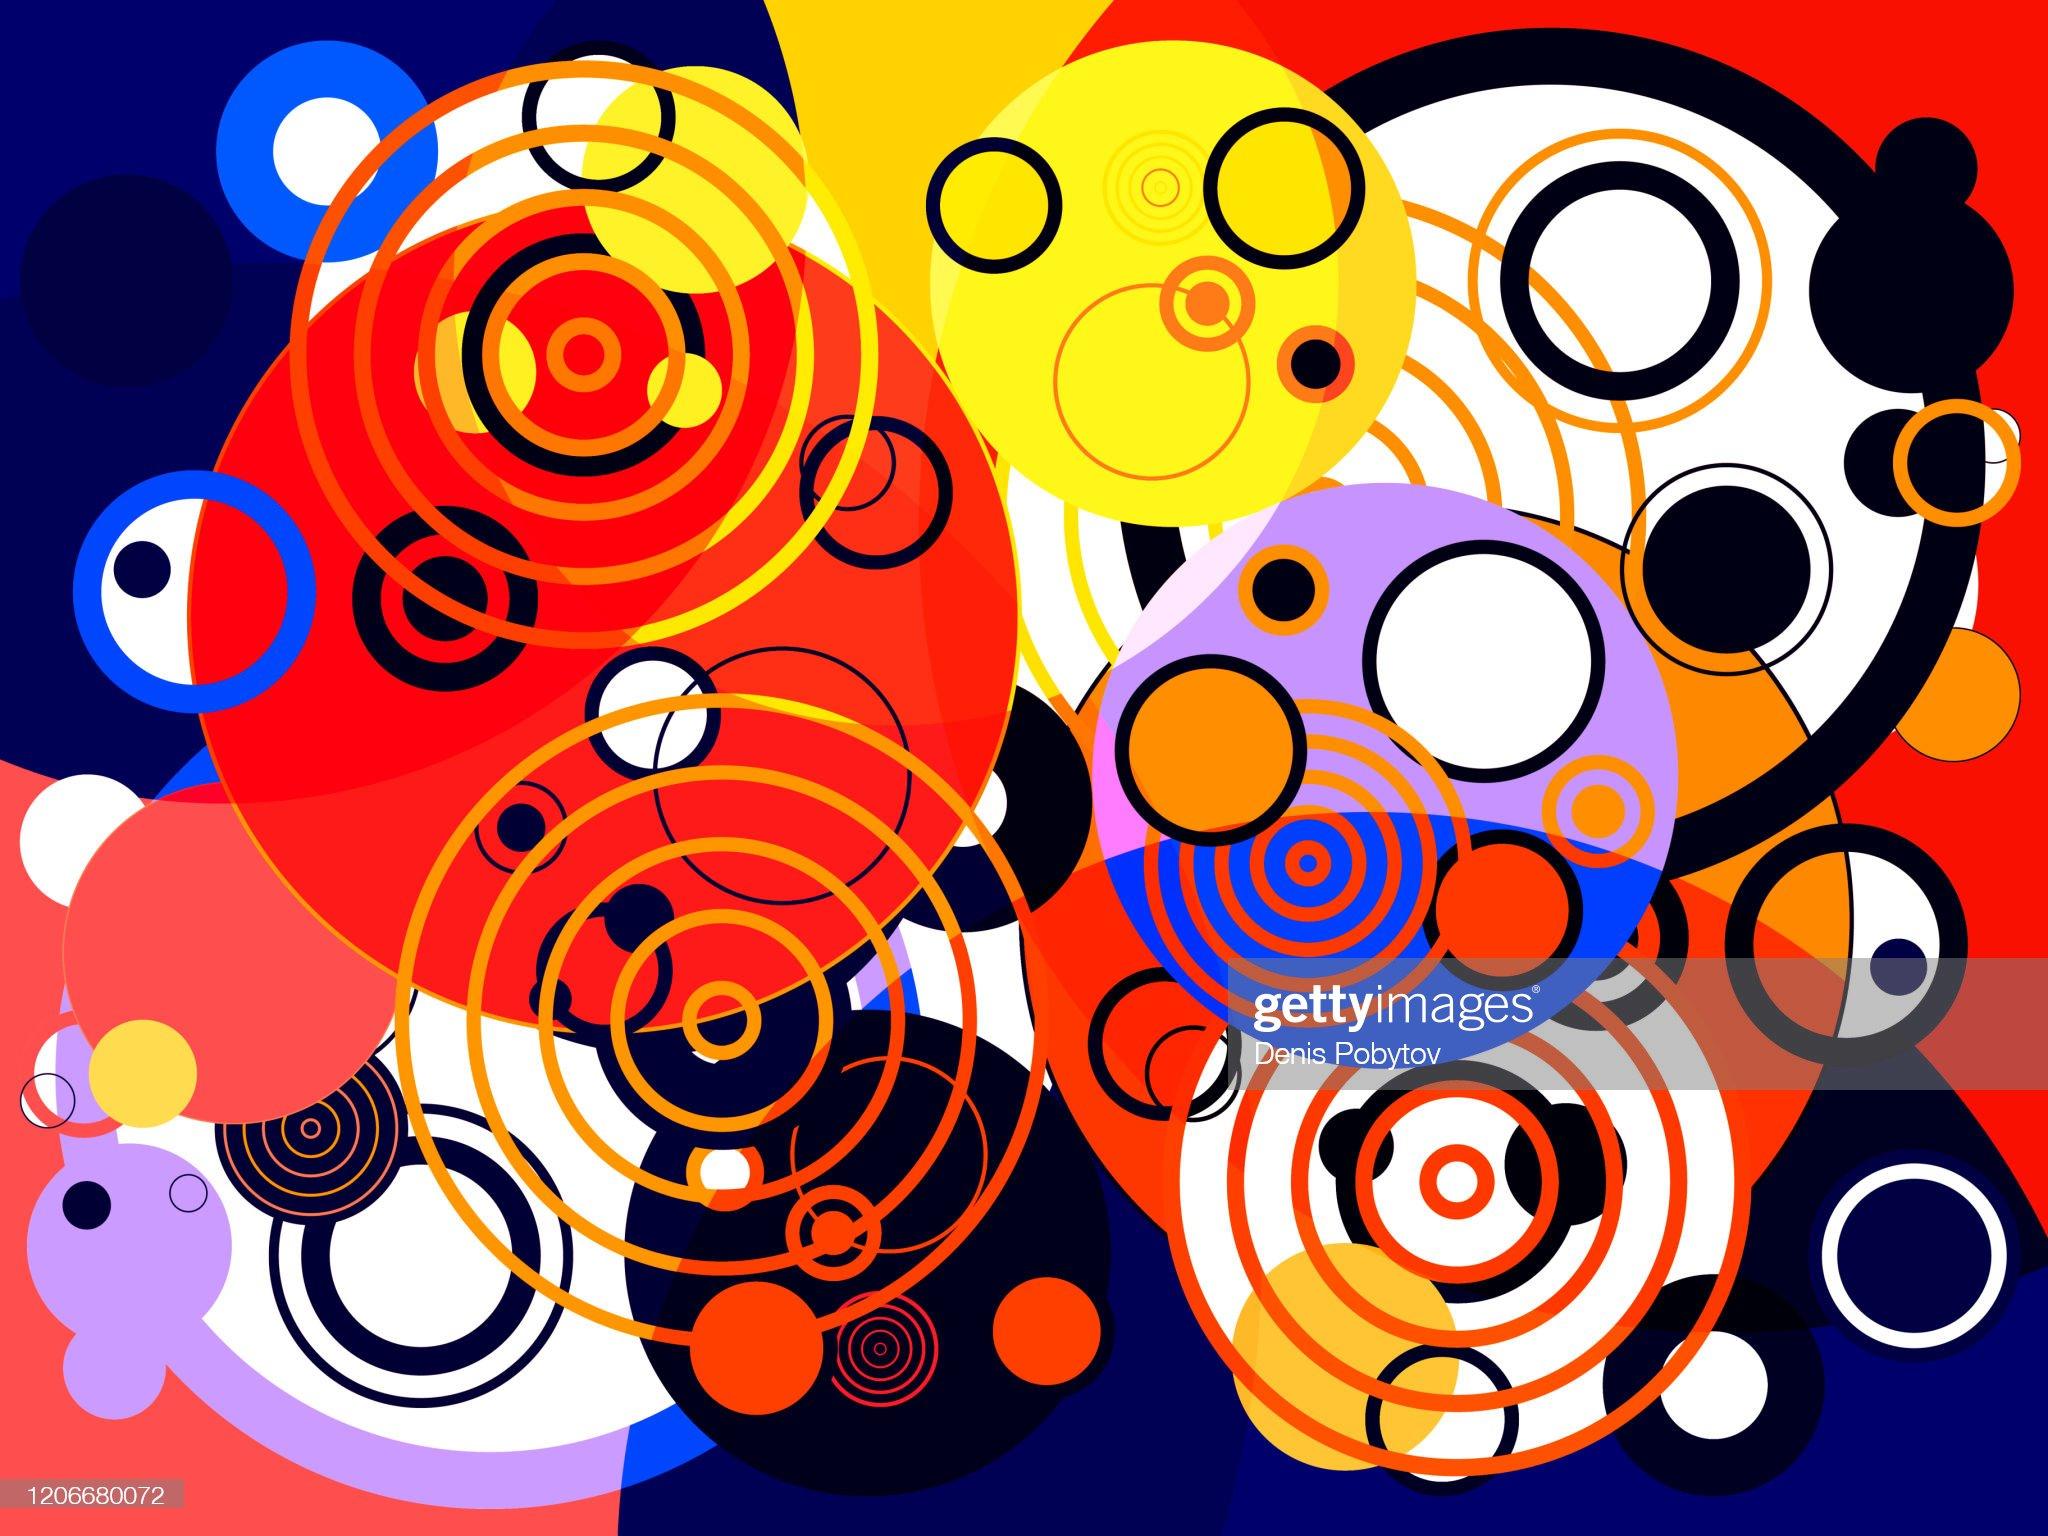 抽象五顏六色的幾何現代藝術 - 圓形和戒指。 : 插圖檔